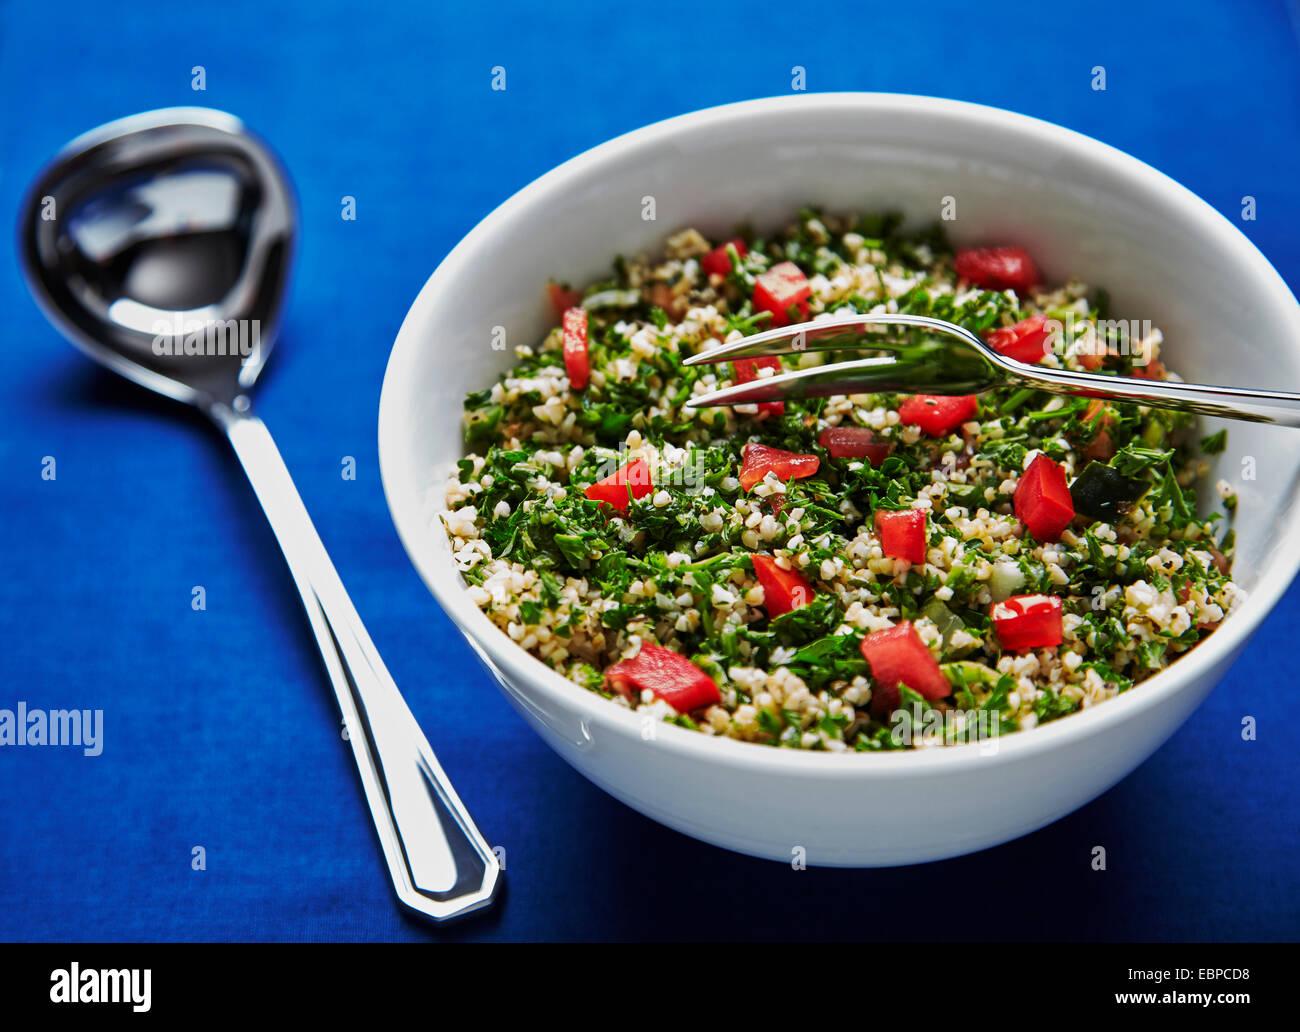 Taboulé Salat in einer weißen Schüssel auf einem dunkelblauen Hintergrund mit silbernen Löffel und einer Gabel serviert Stockfoto